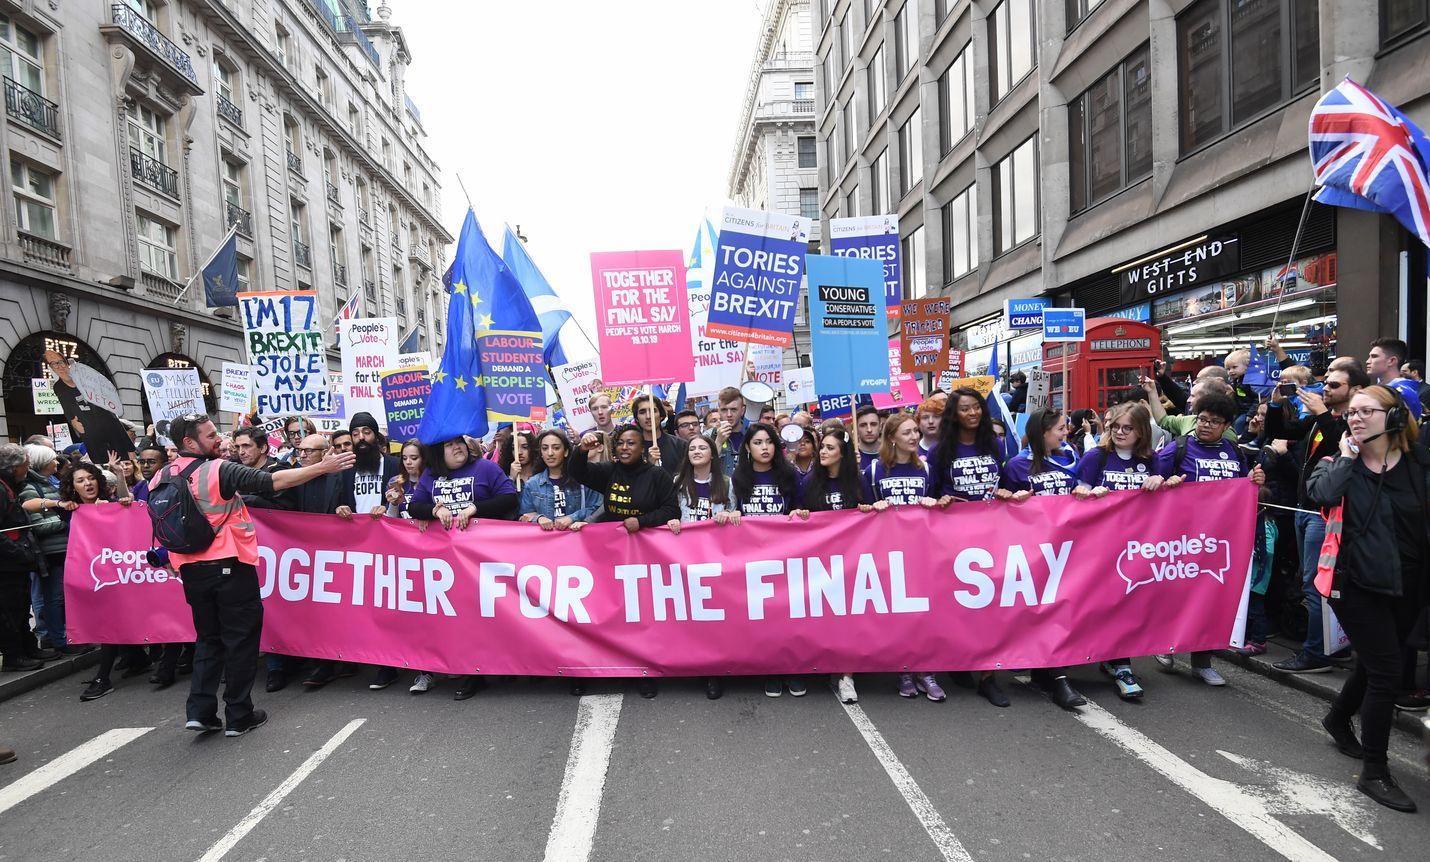 Samaan aikaan, kun Britannian parlamentti äänesti jälleen brexitistä, sadattuhannet ihmiset marssivat Lontoossa uuden kansanäänestyksen puolesta.